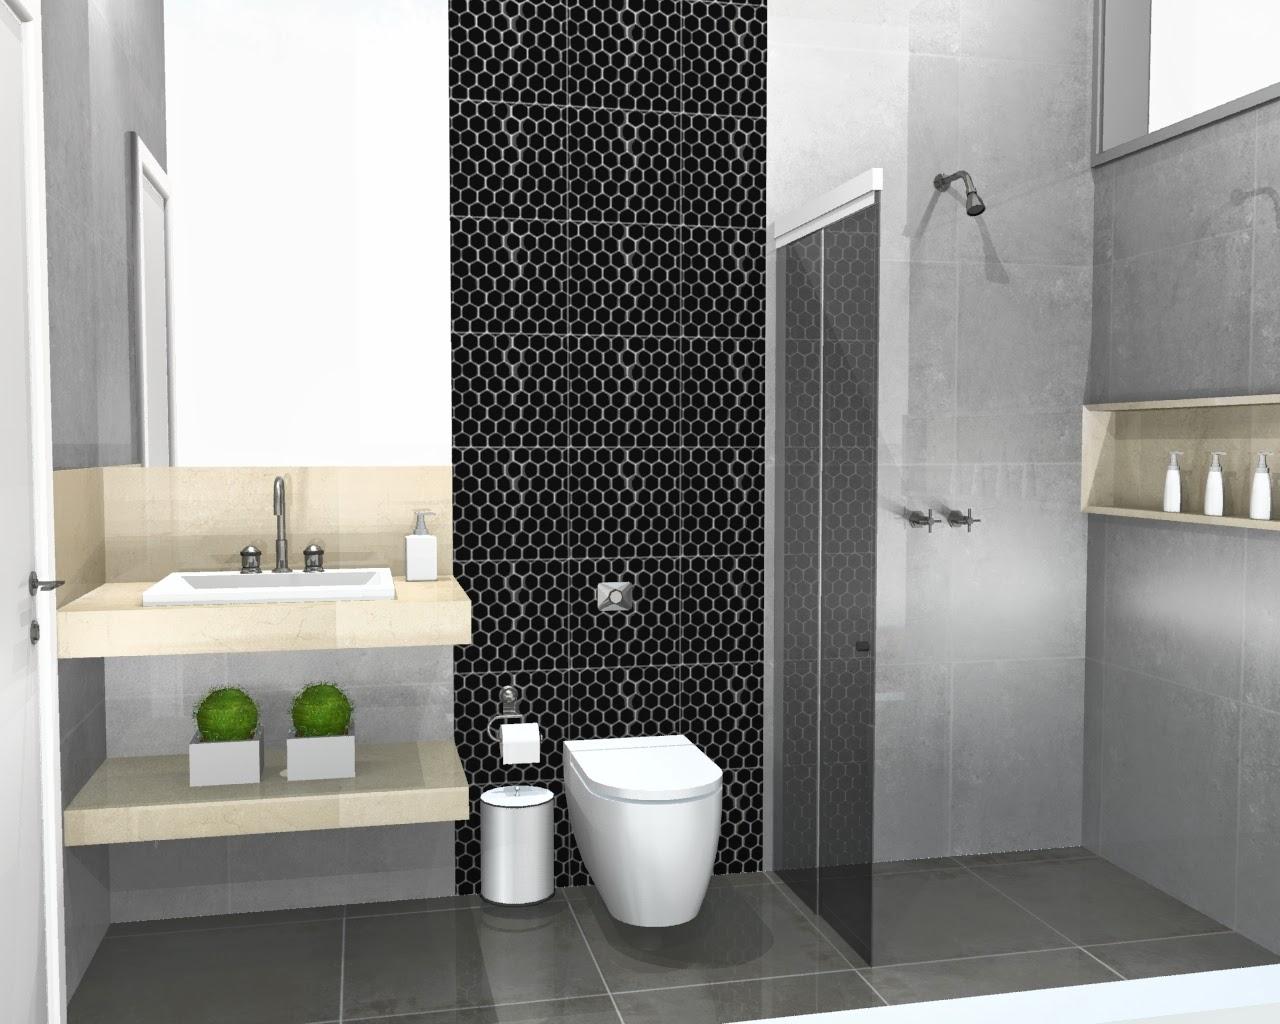 Banheiro Com Piso Cinza Claro  rinkratmagcom banheiros decorados 2017 -> Banheiro Pequeno Cinza